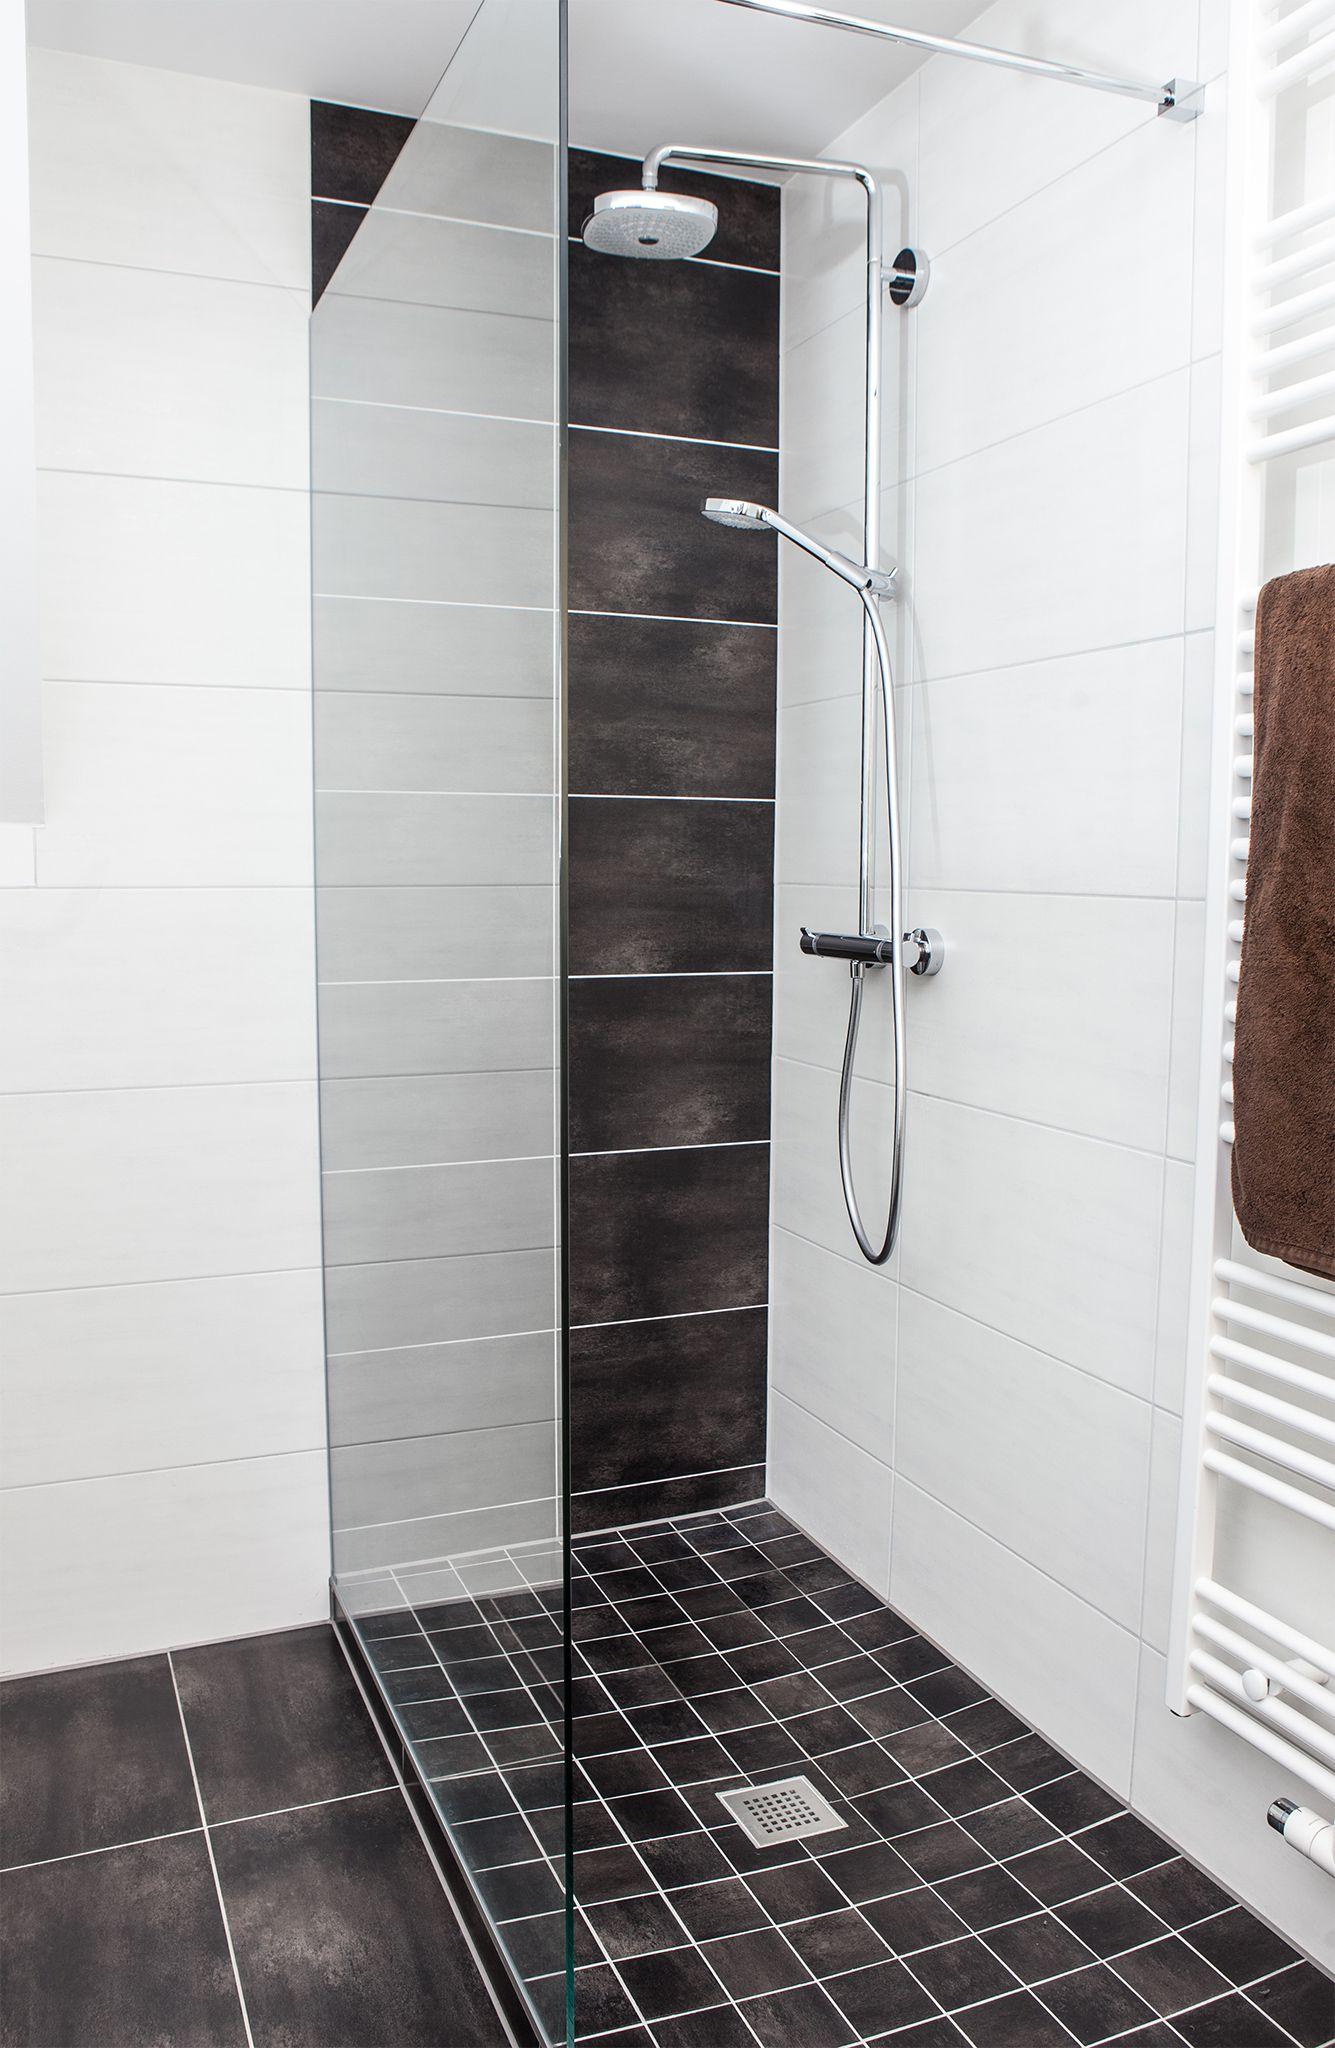 Walk In Duschen In Top Design 15 Beispiele Die Beeindrucken Walk In Dusche Dusche Kleines Bad Einrichten